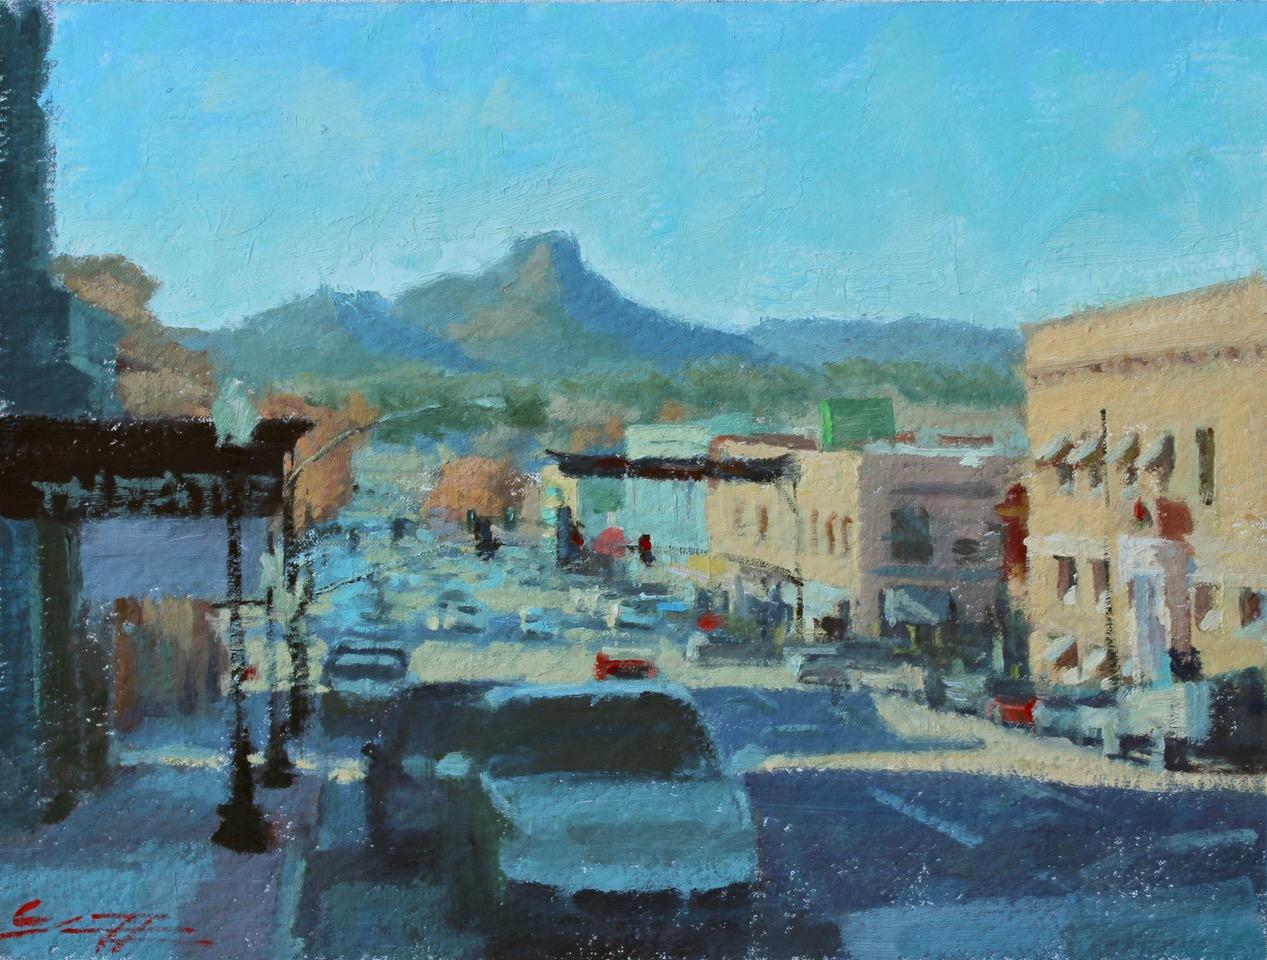 MARCH FEATURED ARTIST #2: Scott Roebuck